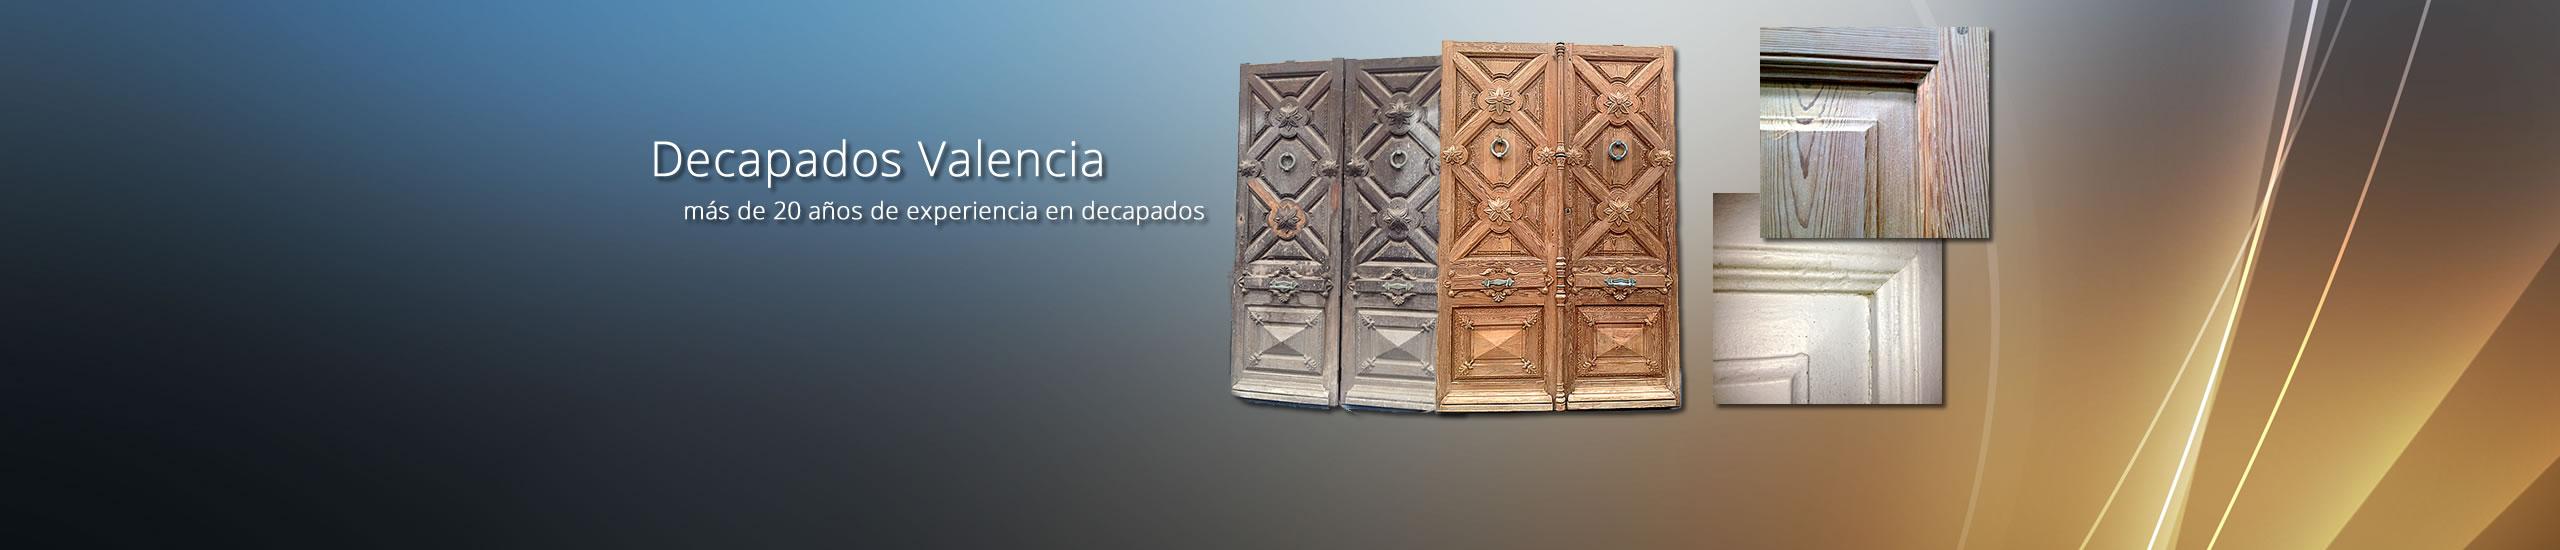 Decapados Valencia